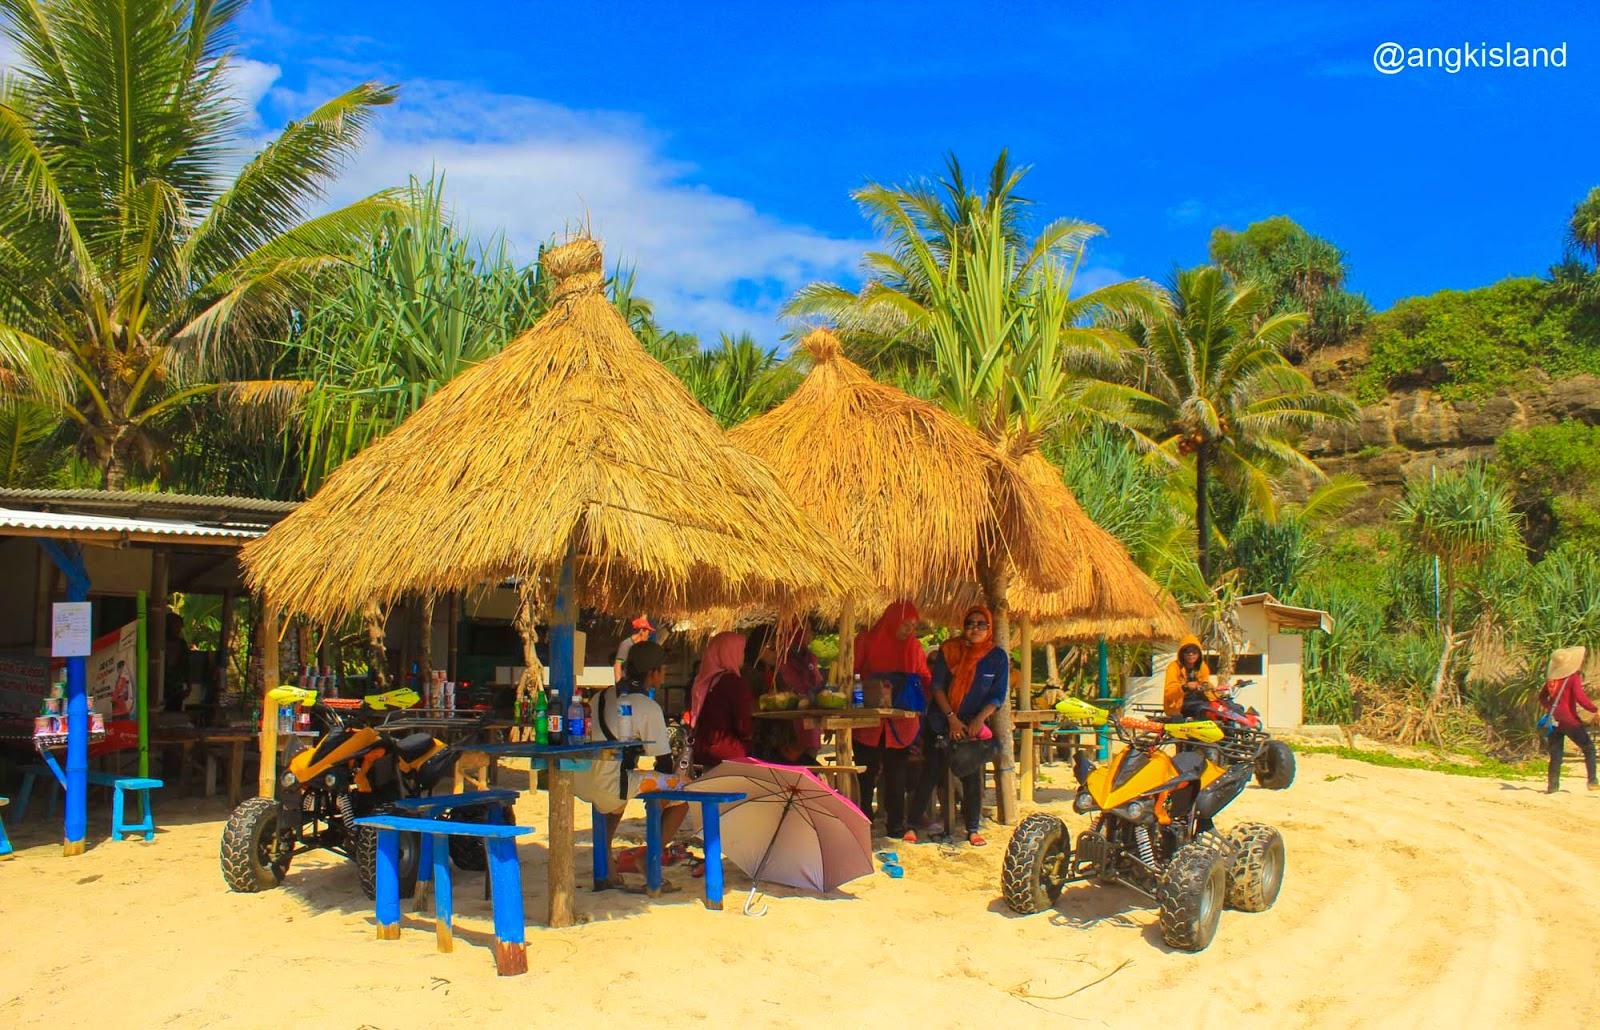 jalan di bawah pohon kelapa